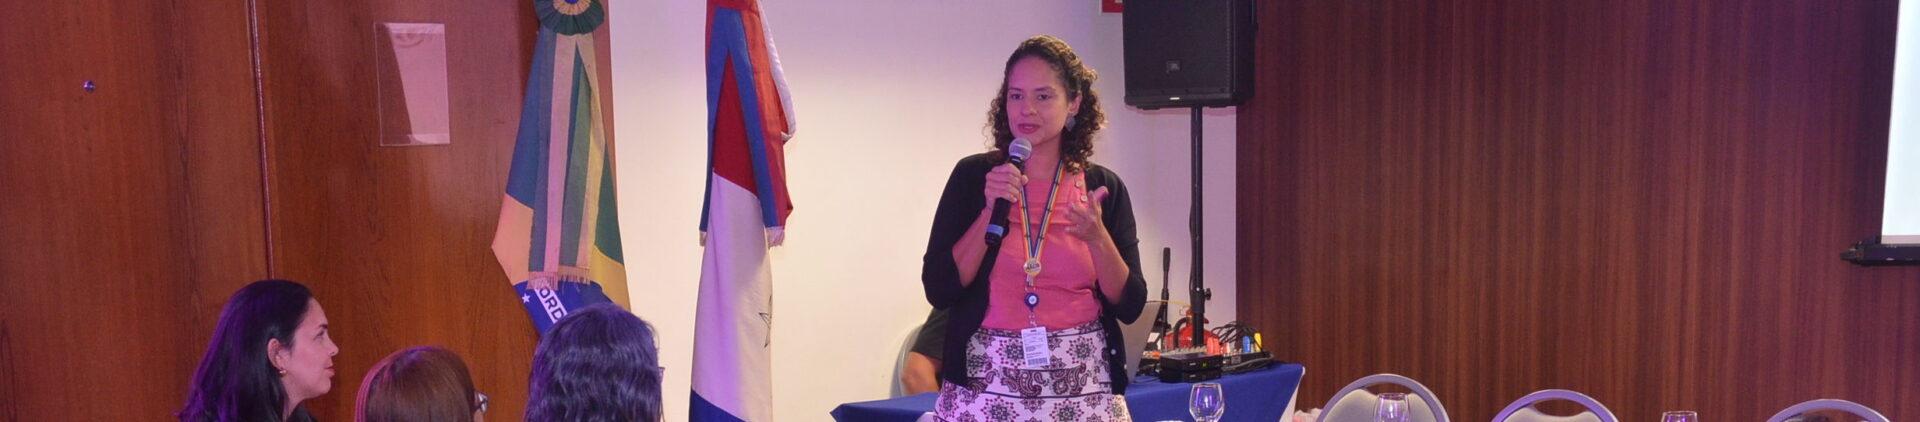 Profissionais da Contabilidade participam de Talk Show em alusão ao Outubro Rosa